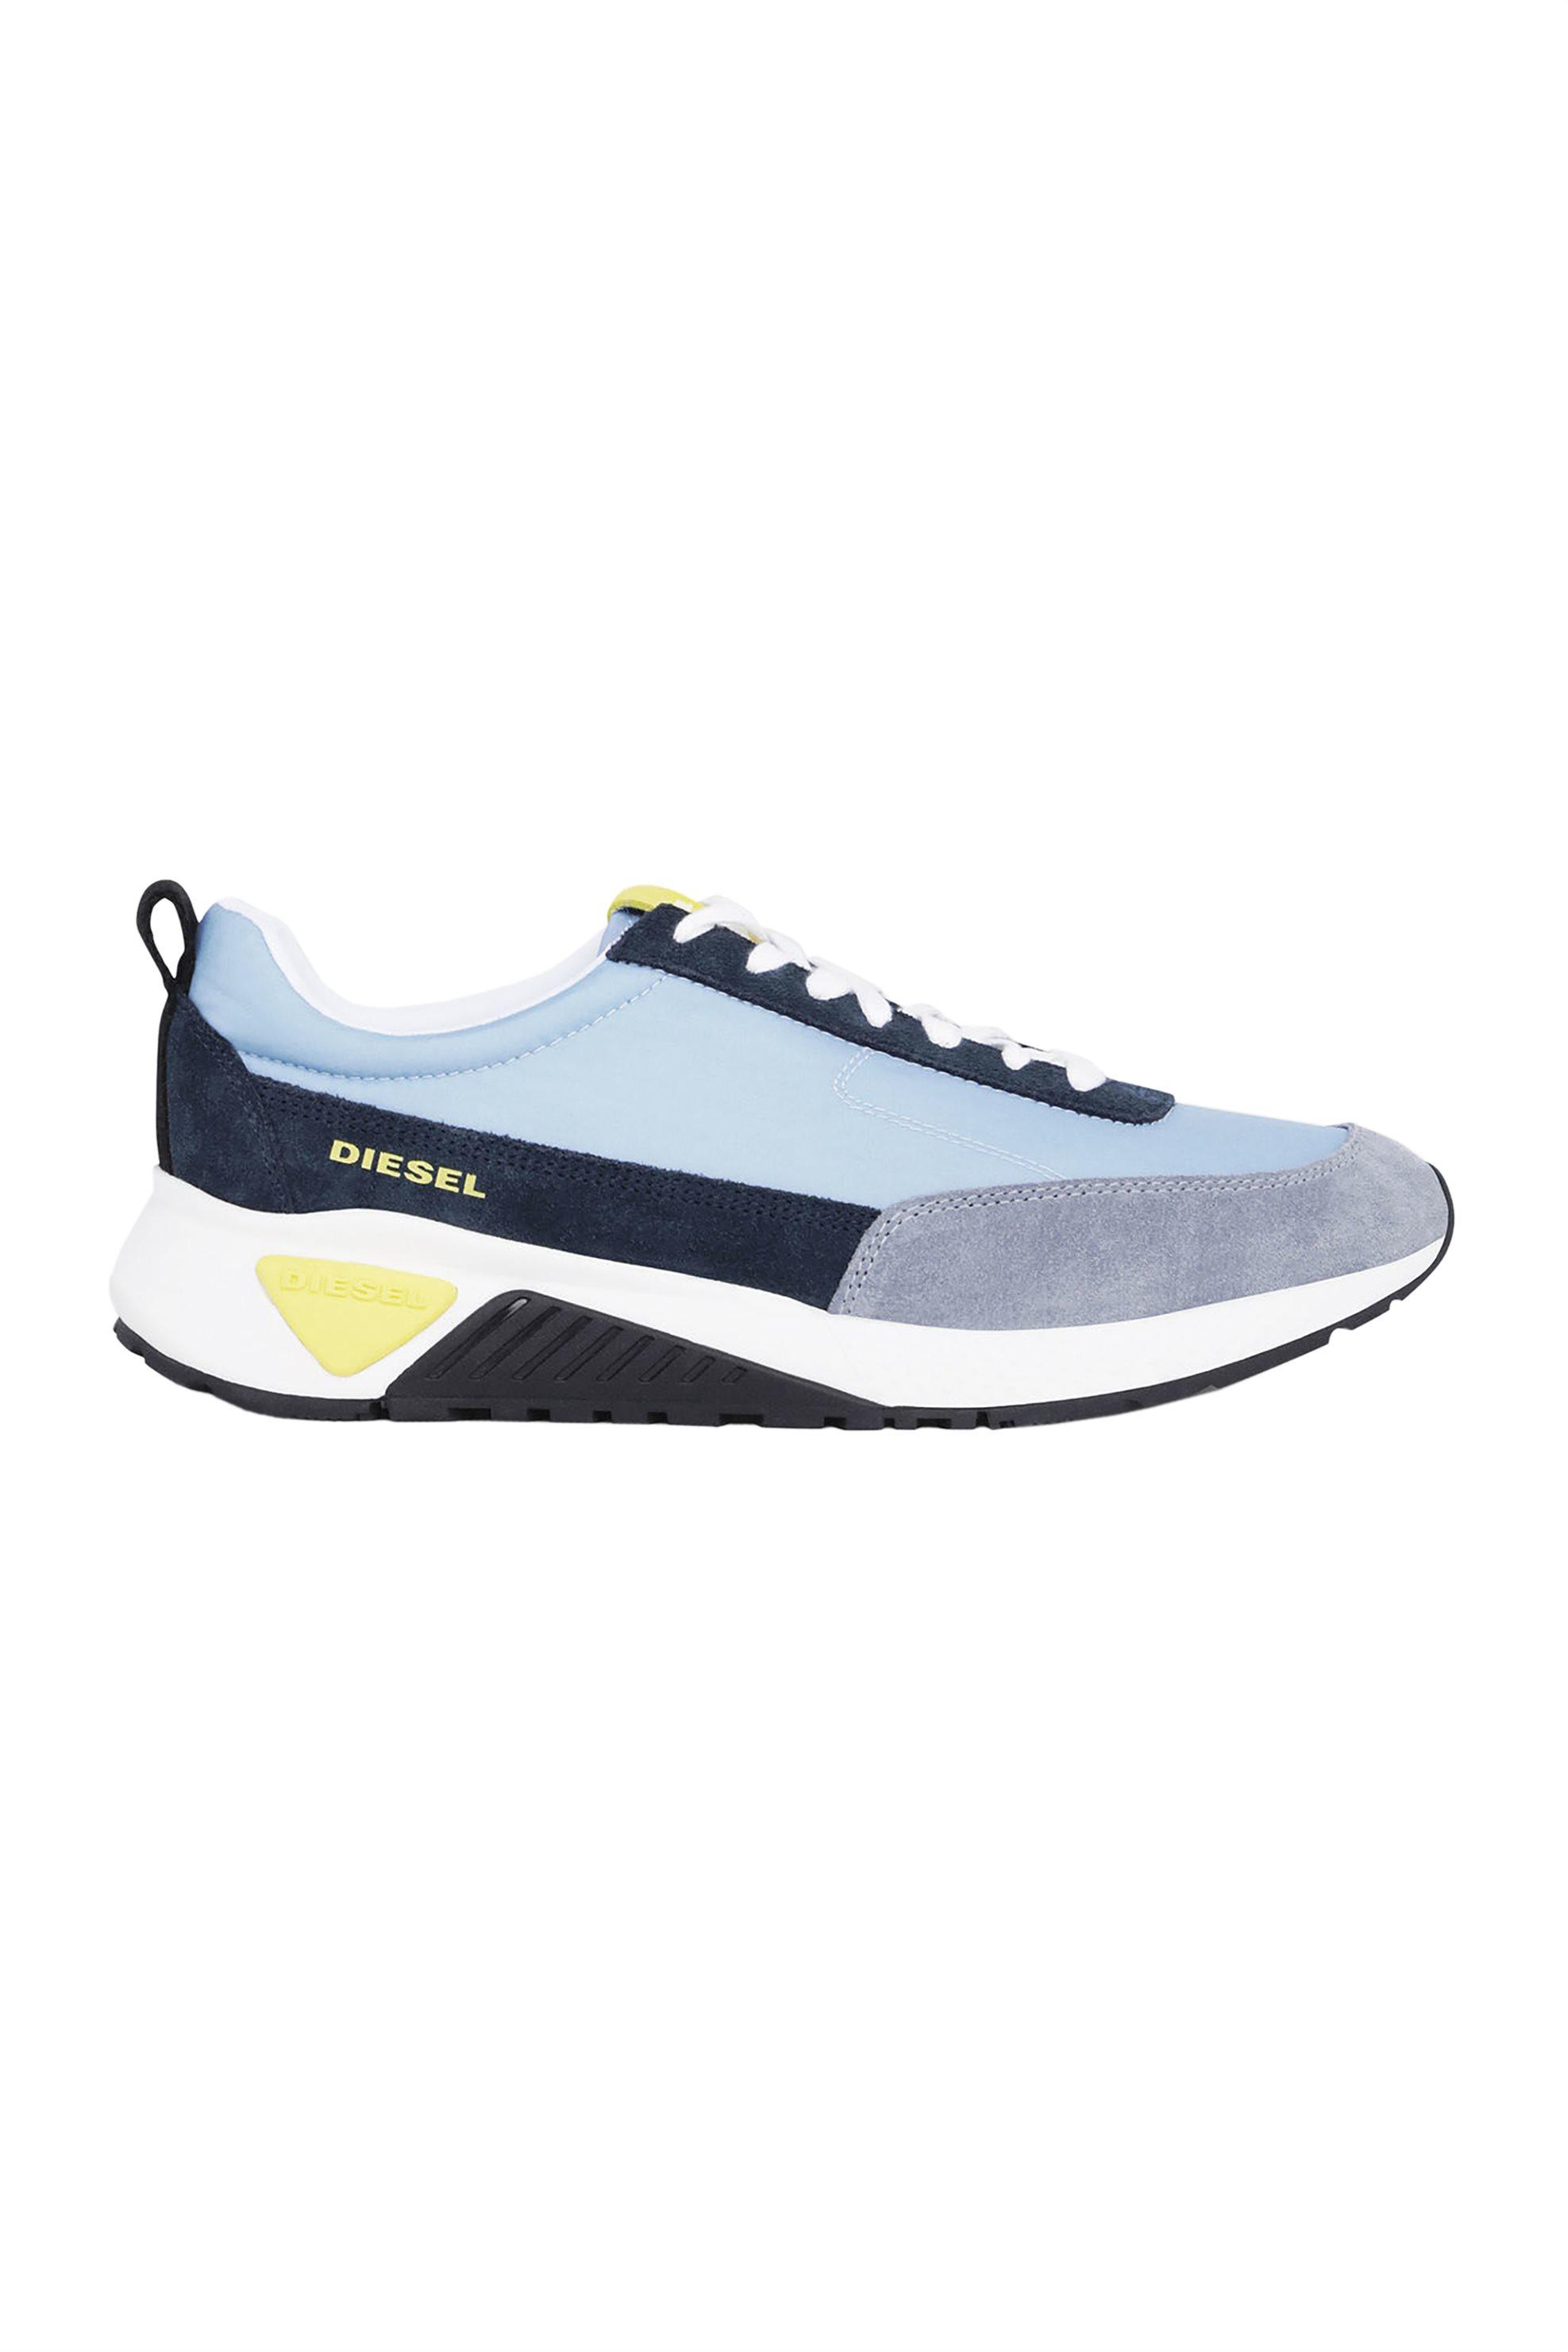 c99f2b3d151 Notos Diesel ανδρικά χρωματιστά sneakers Low lace – Y01880 P0375 – Μπλε